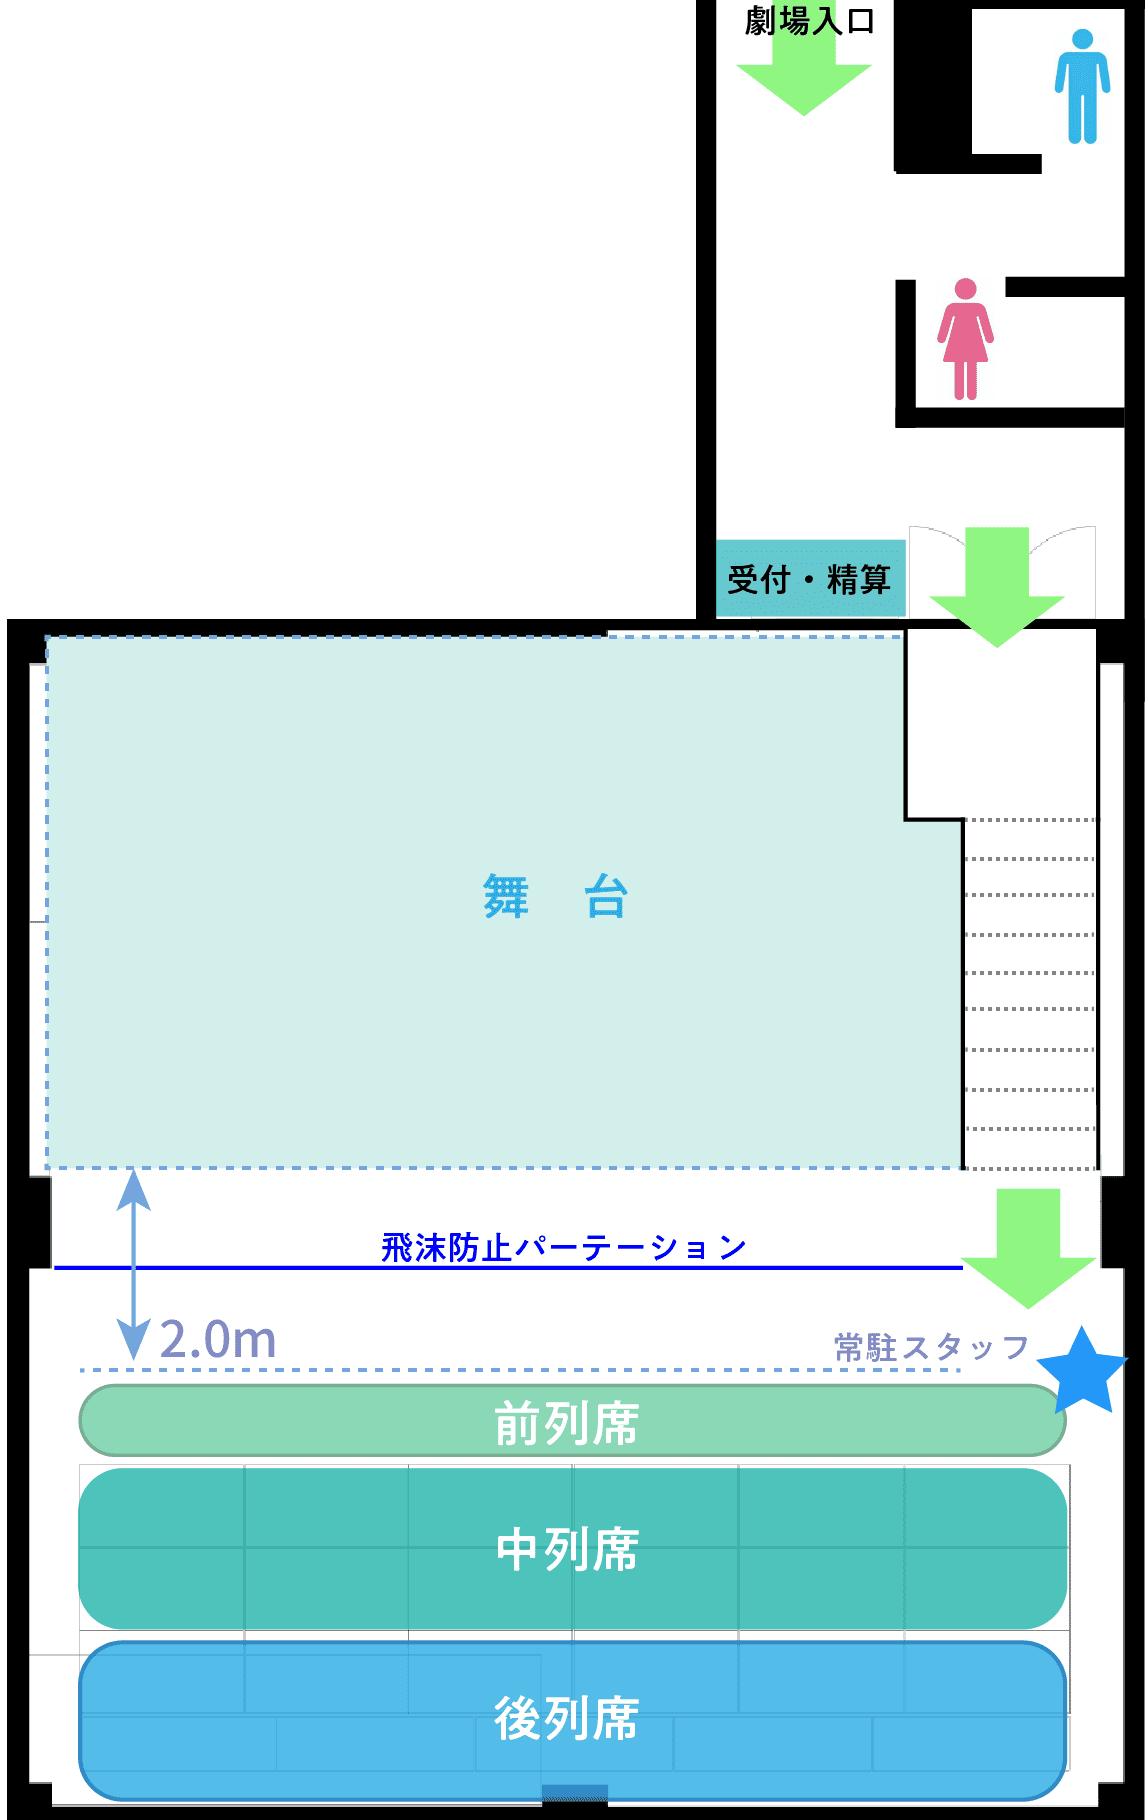 客席案内図